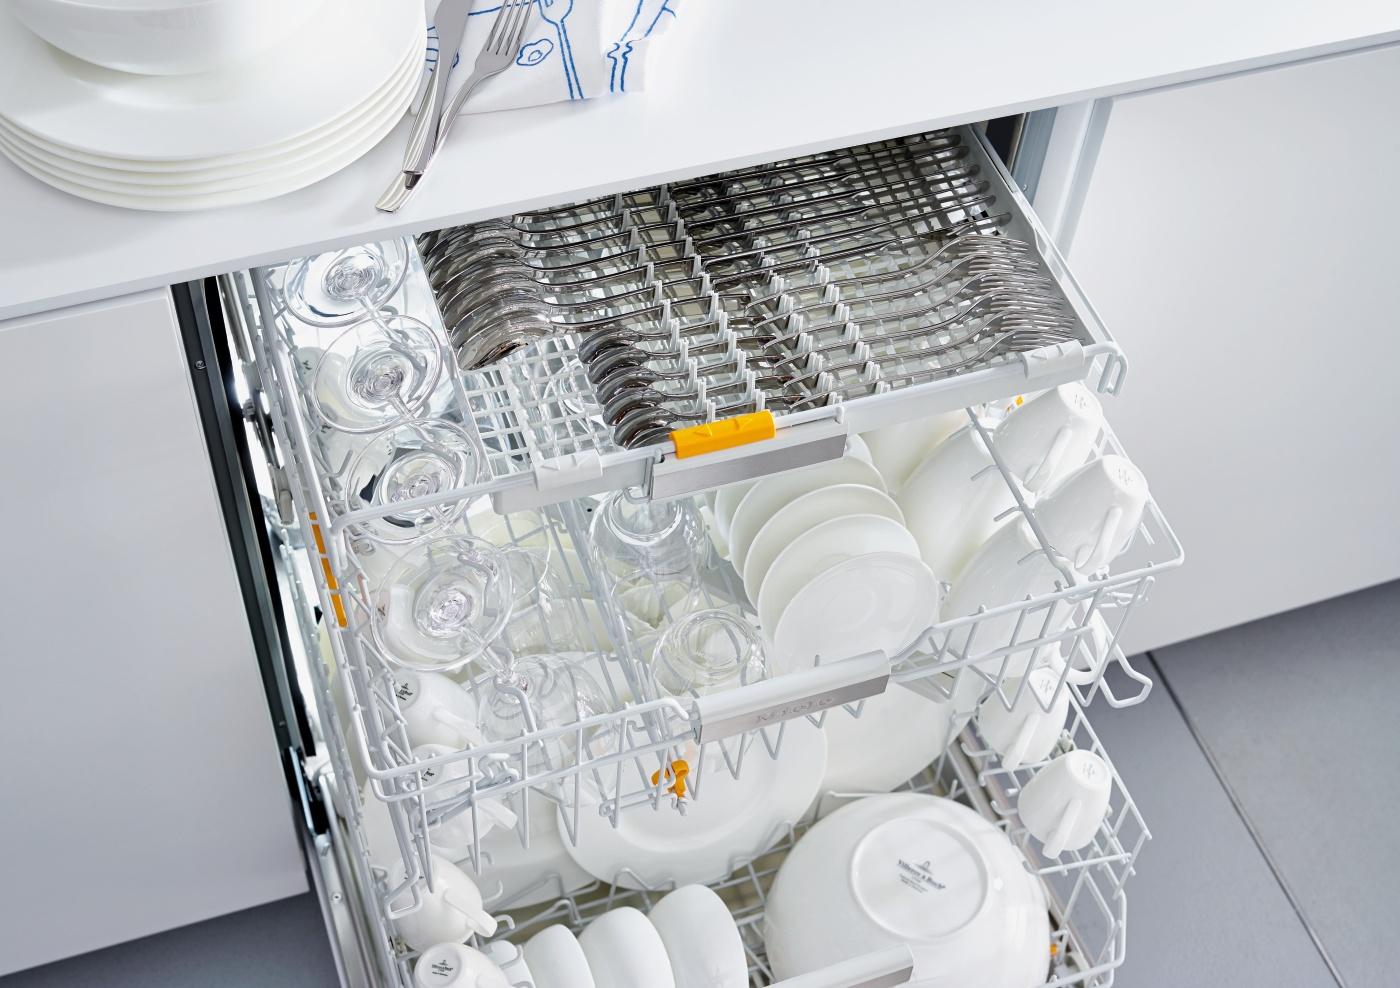 La migliore cura per la mia lavastoviglie